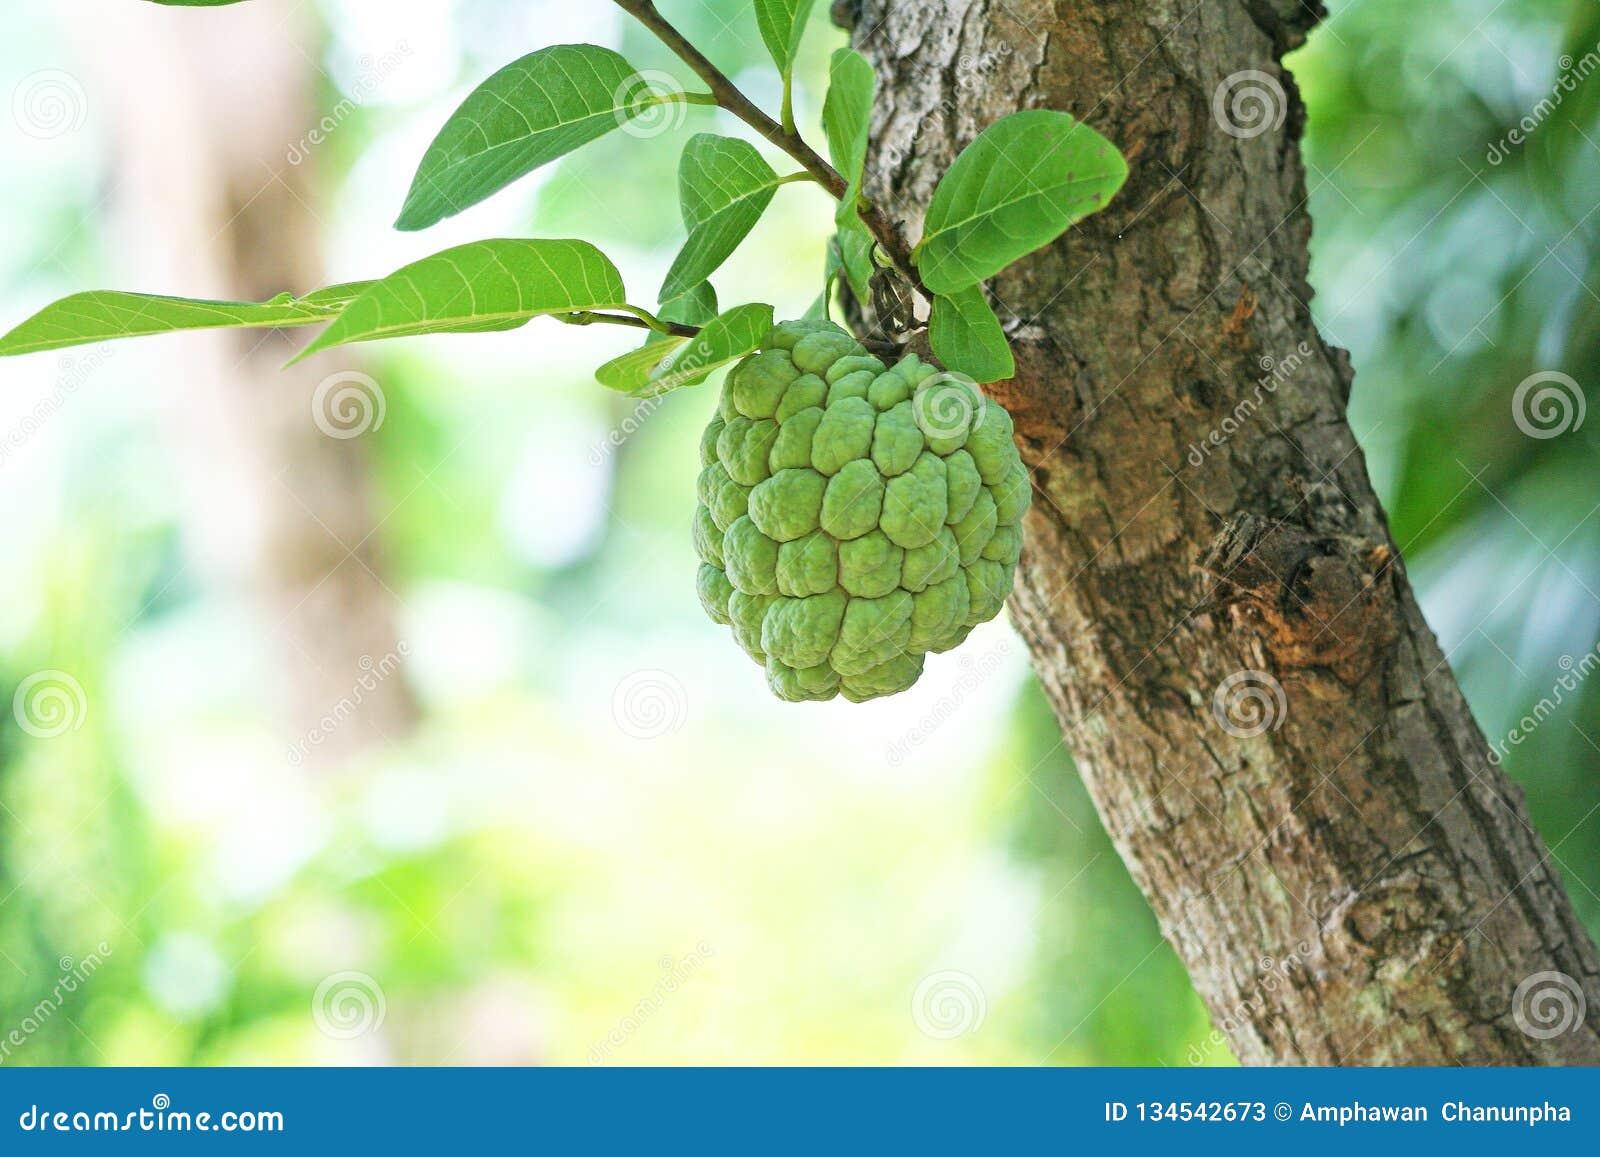 Νέα ένωση μήλων κρέμας στο δέντρο, μήλο ζάχαρης